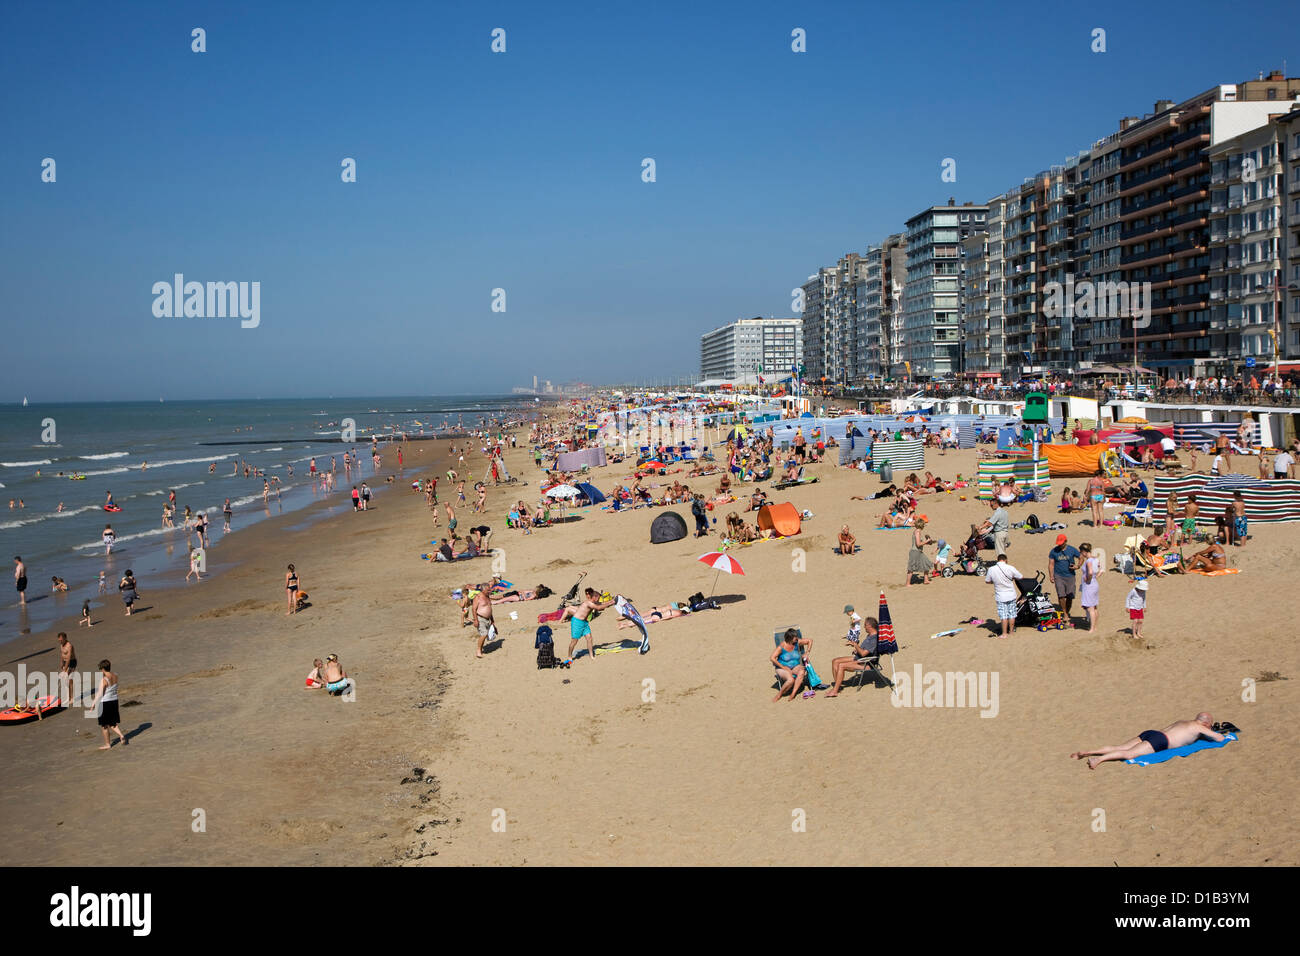 Sunbathers in summer sunbathing behind windbreaks on beach along the North Sea coast at Belgian seaside resort, - Stock Image